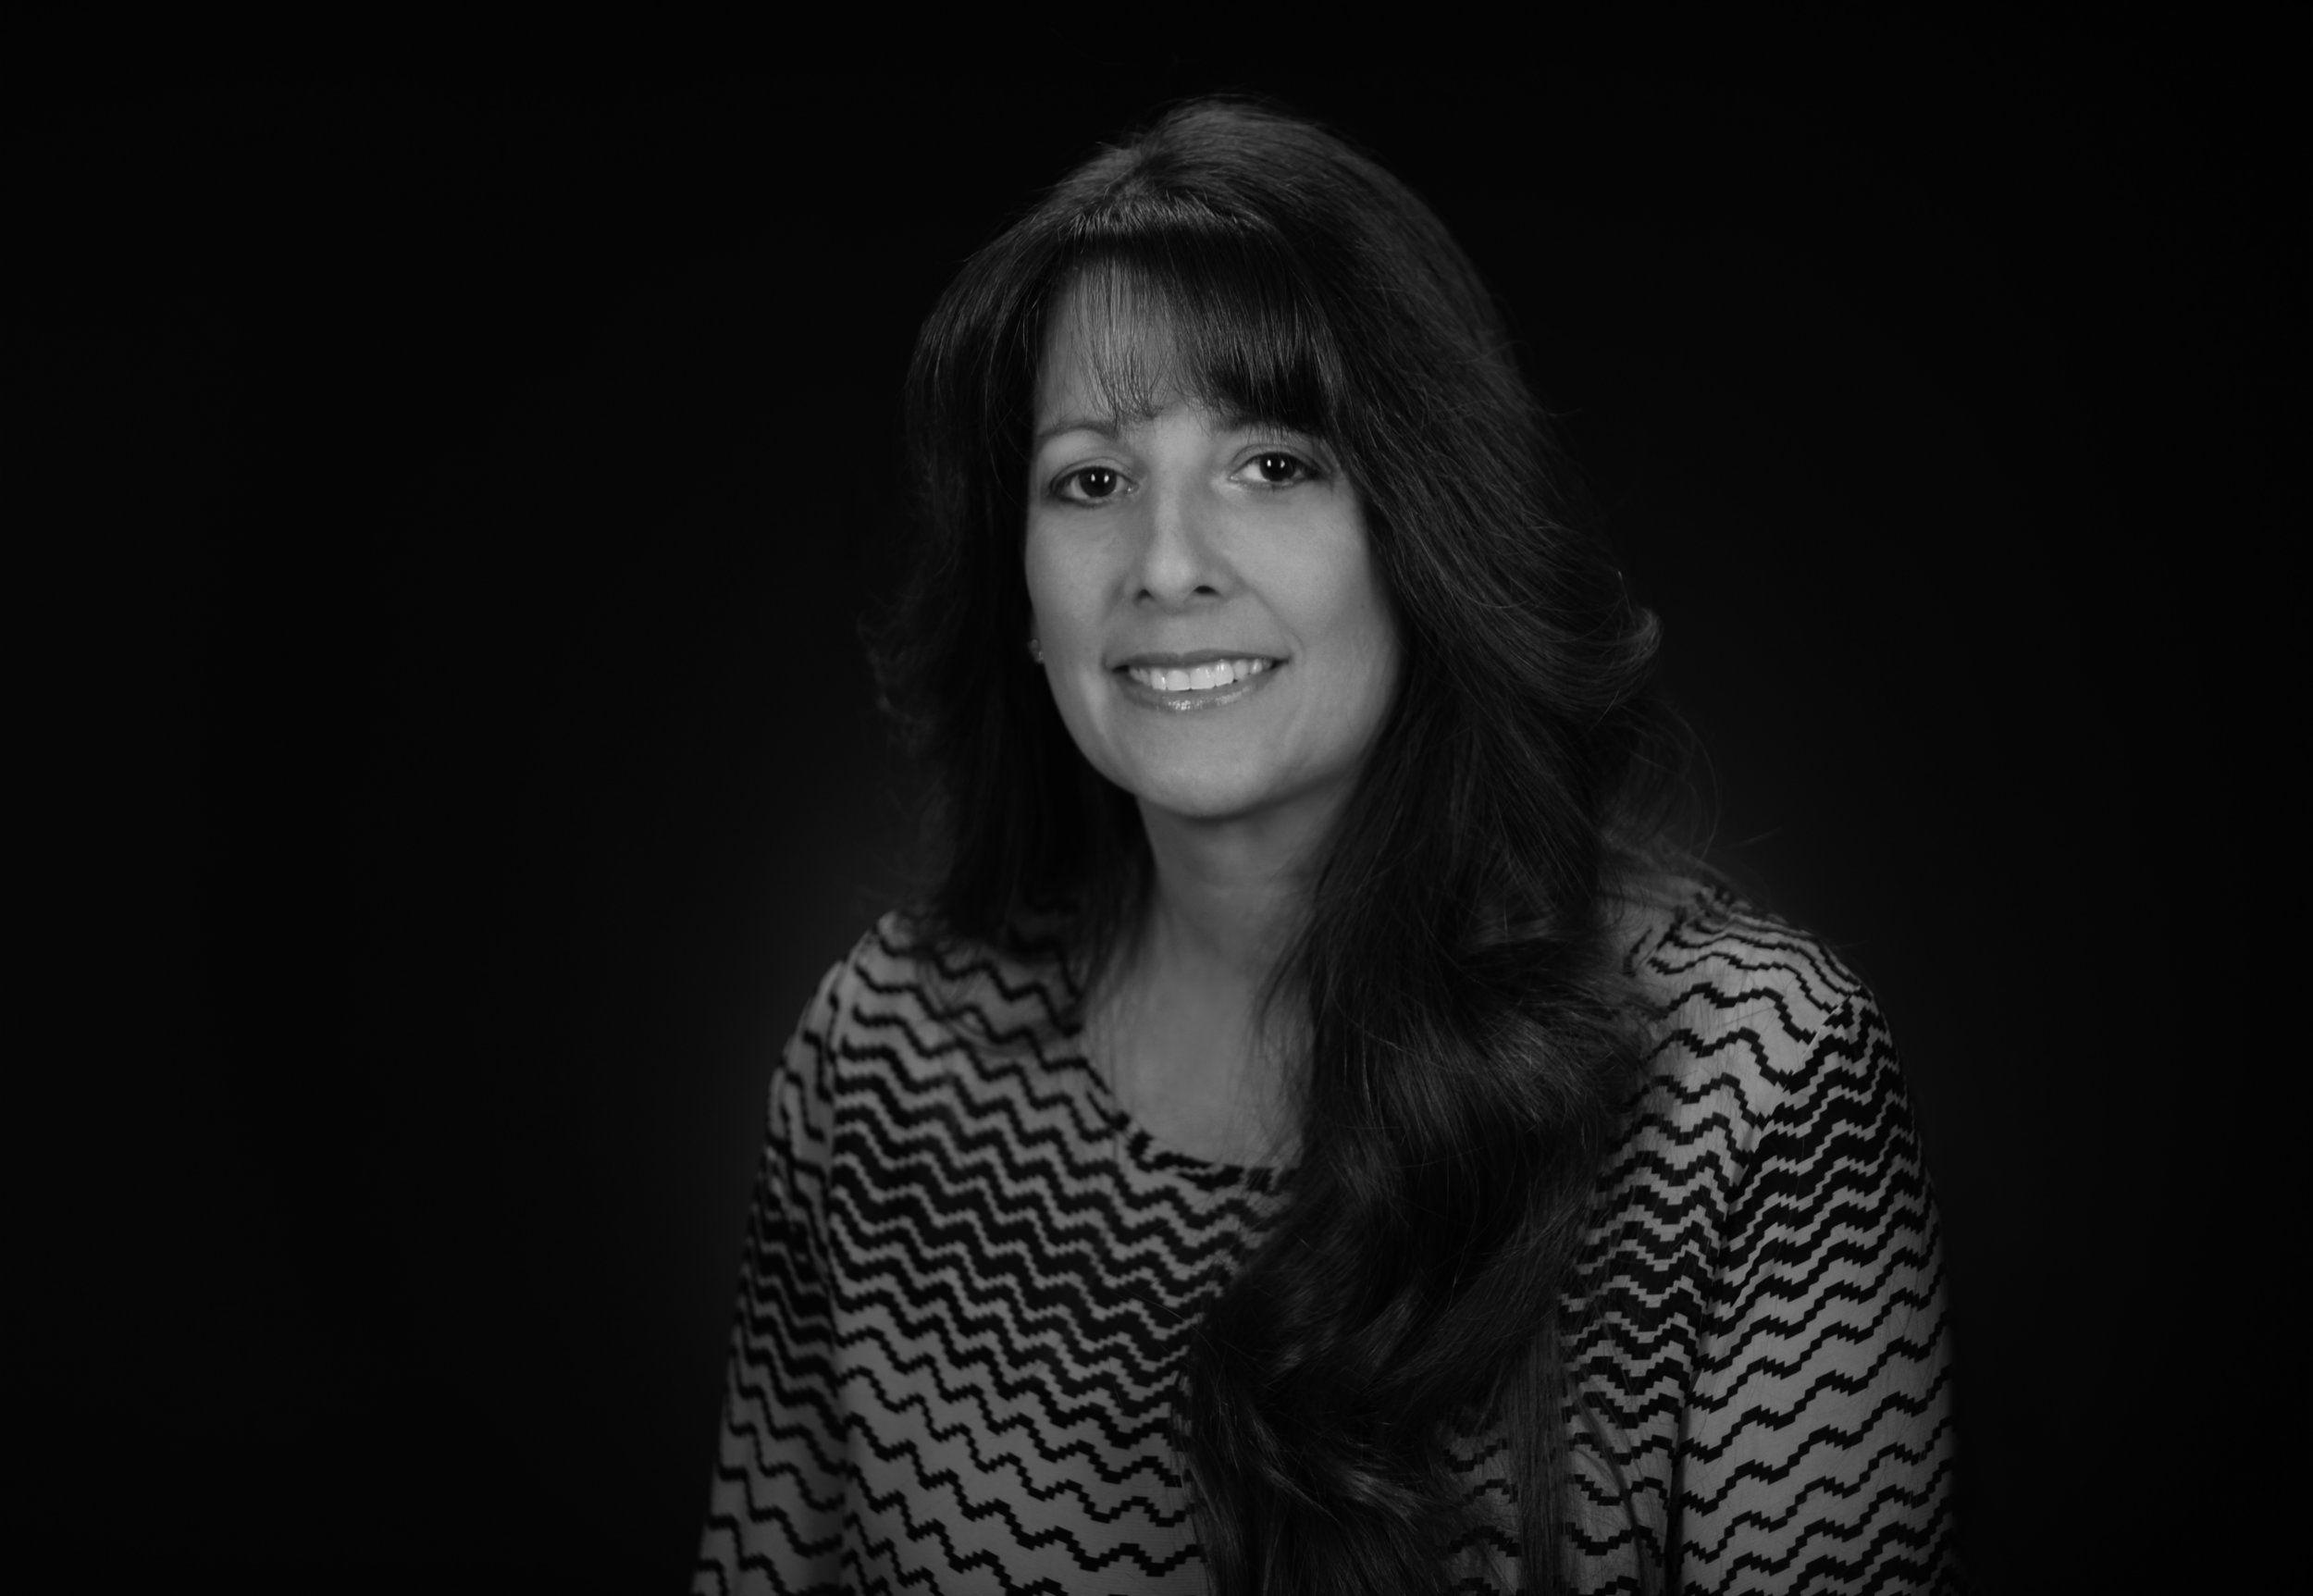 Melba Santos (Photograph courtesy of BBGM)